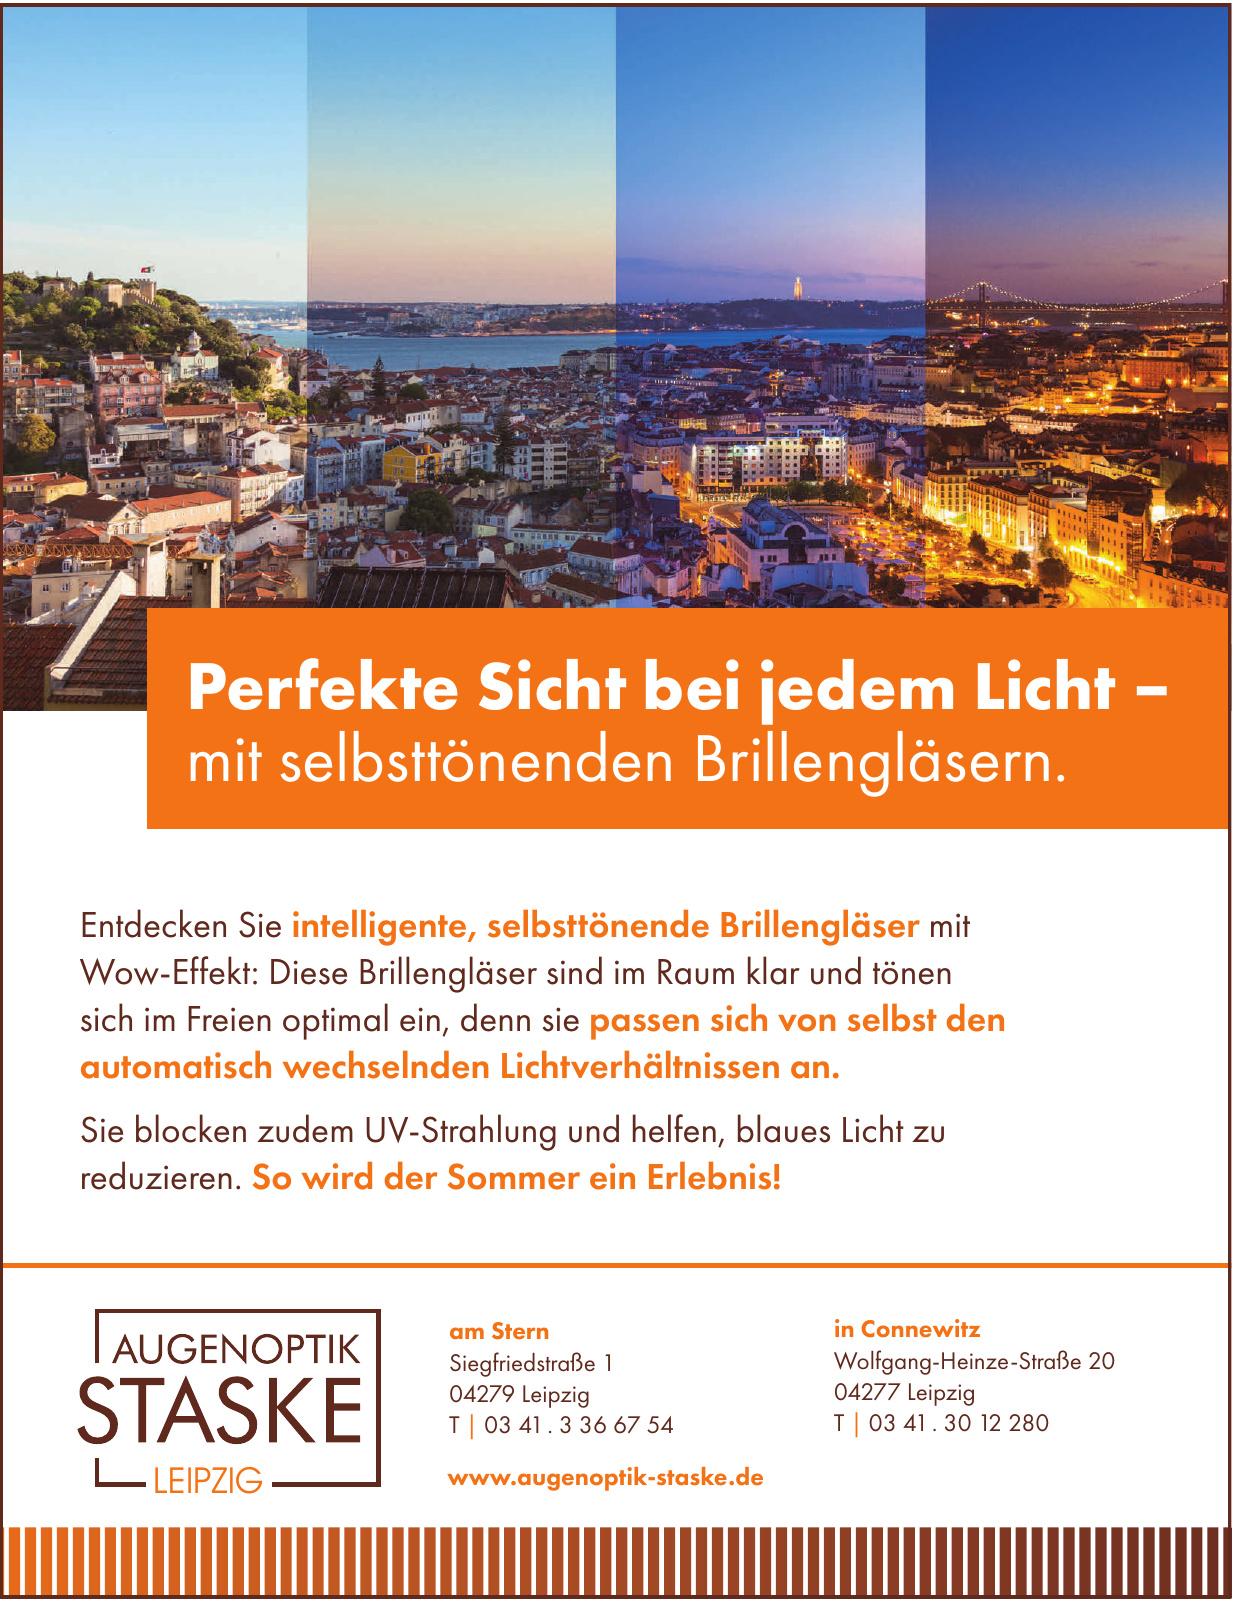 Augenoptik Staske Leipzig - Am Stern